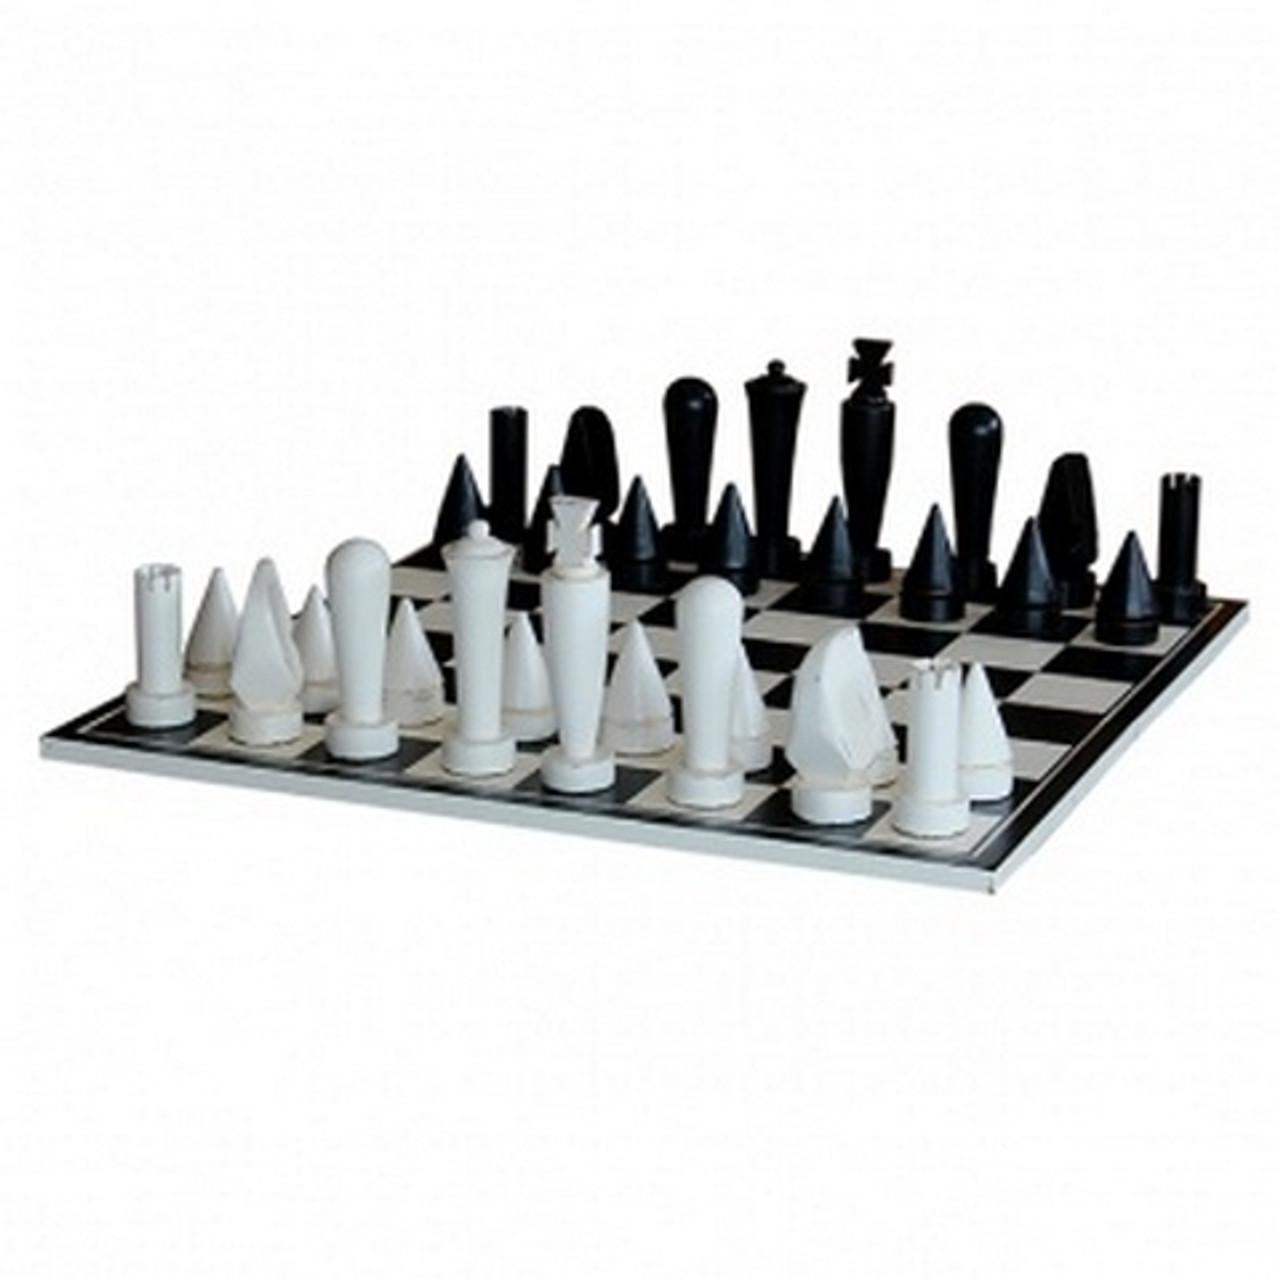 Modern Chess Set Size 80h X 80w X 28d Cm Leisure Chess Sets